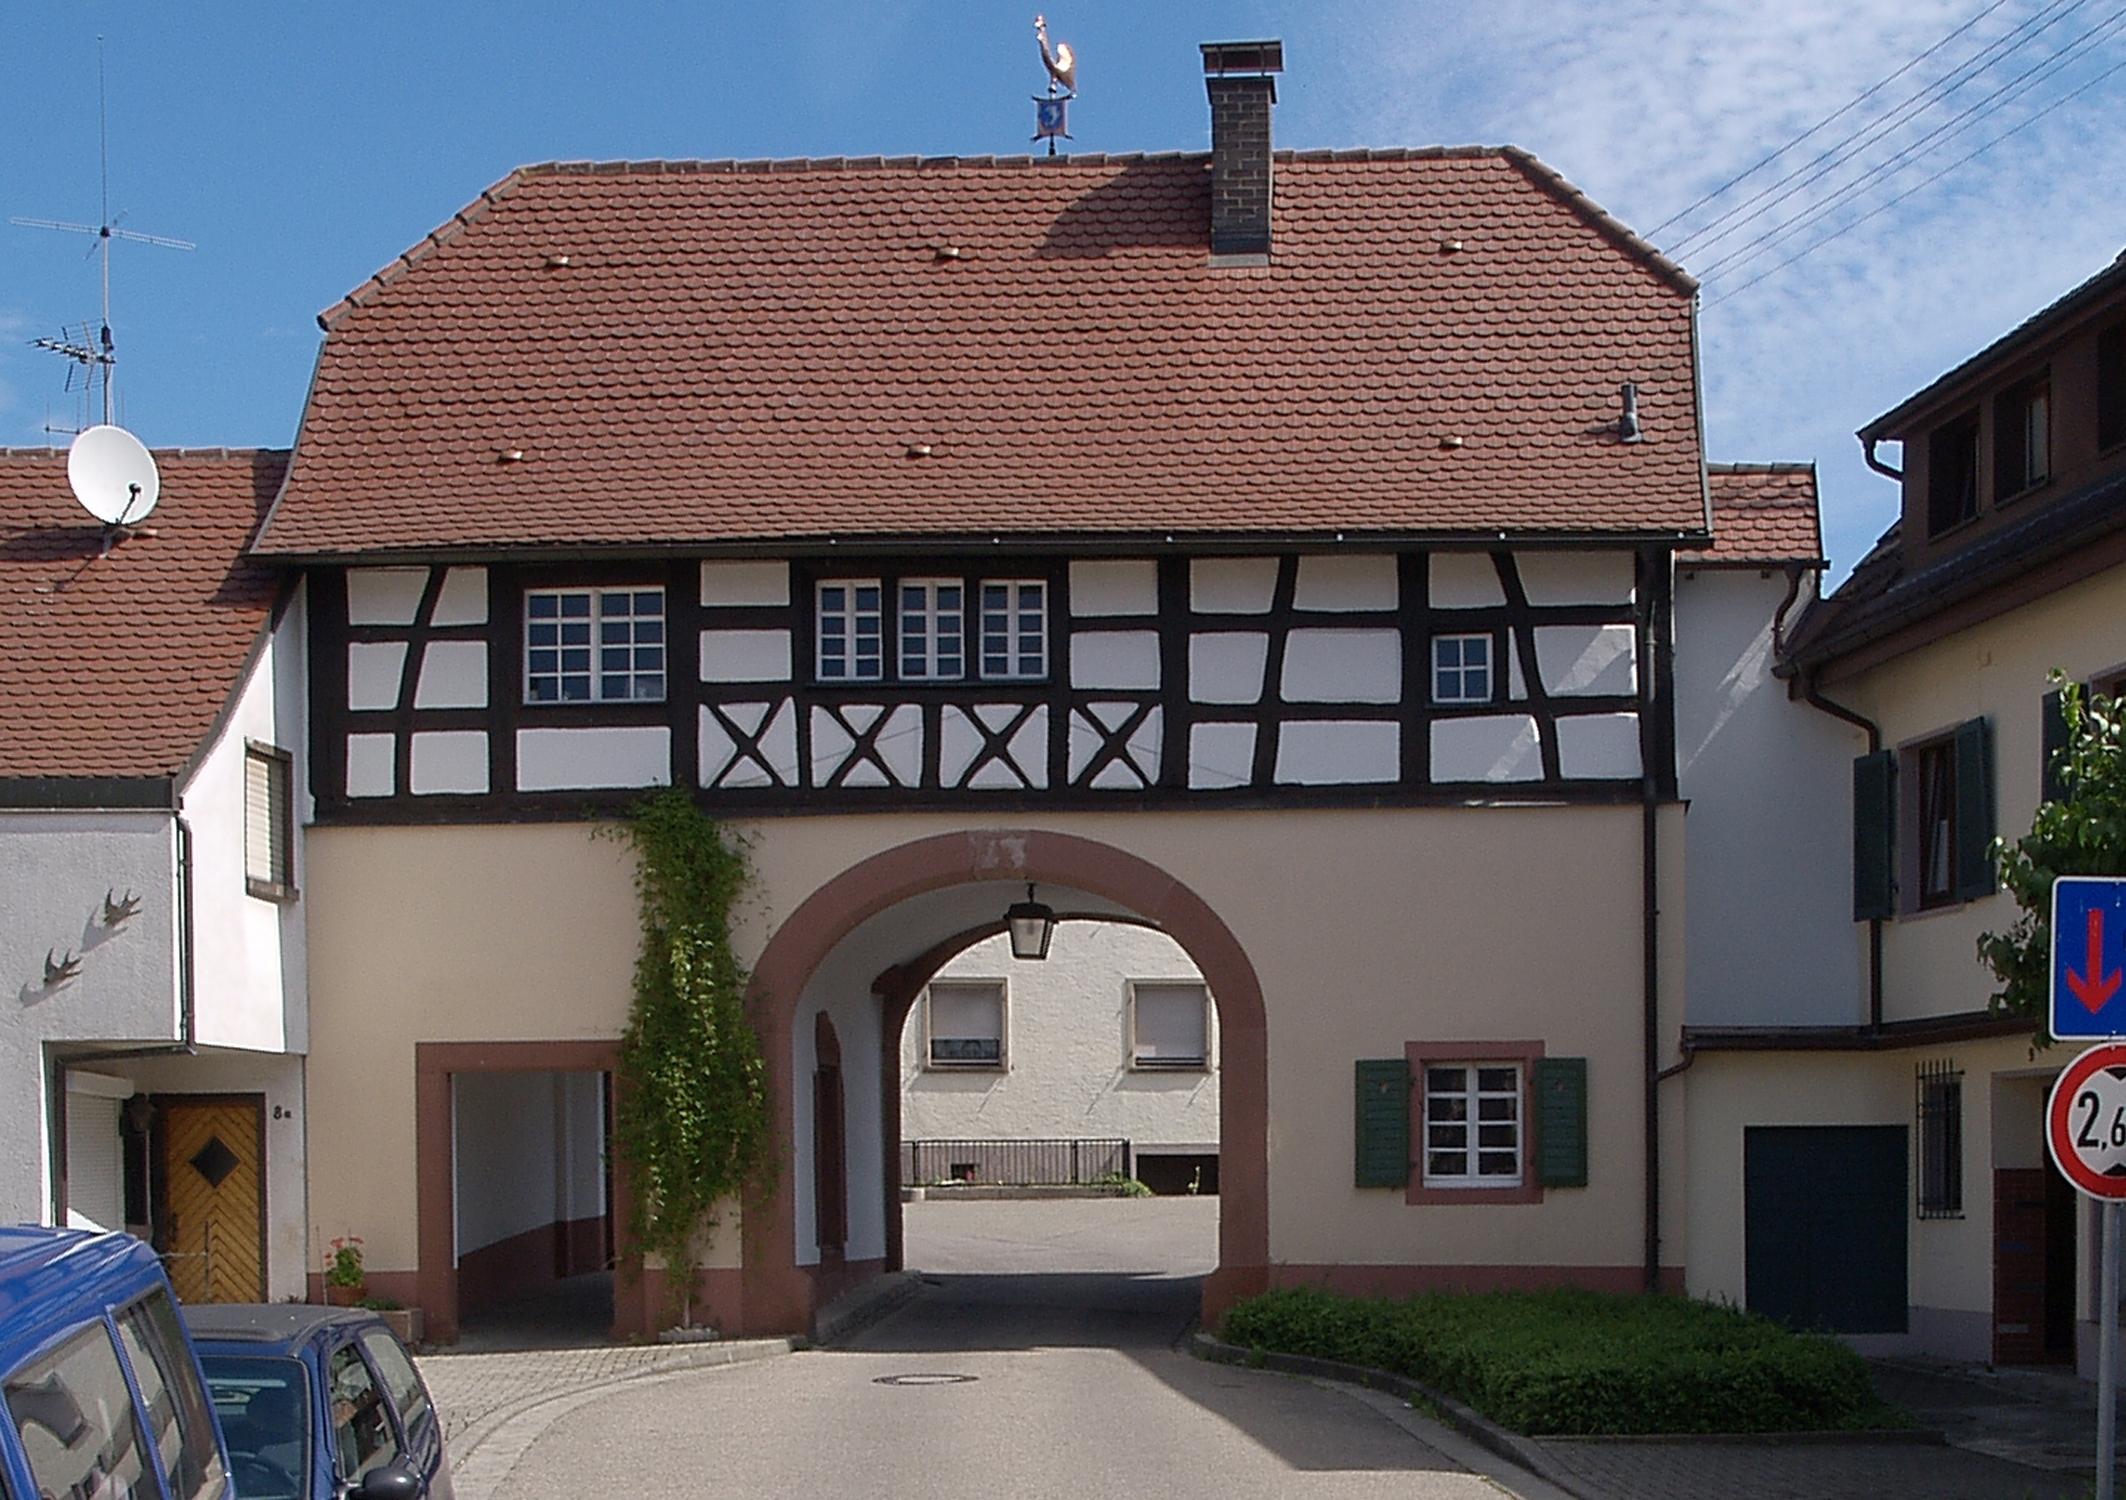 Das historische Torhaus in Malterdingen - Immobilienbewertung und Vermittlung für Malterdingen und das Umland